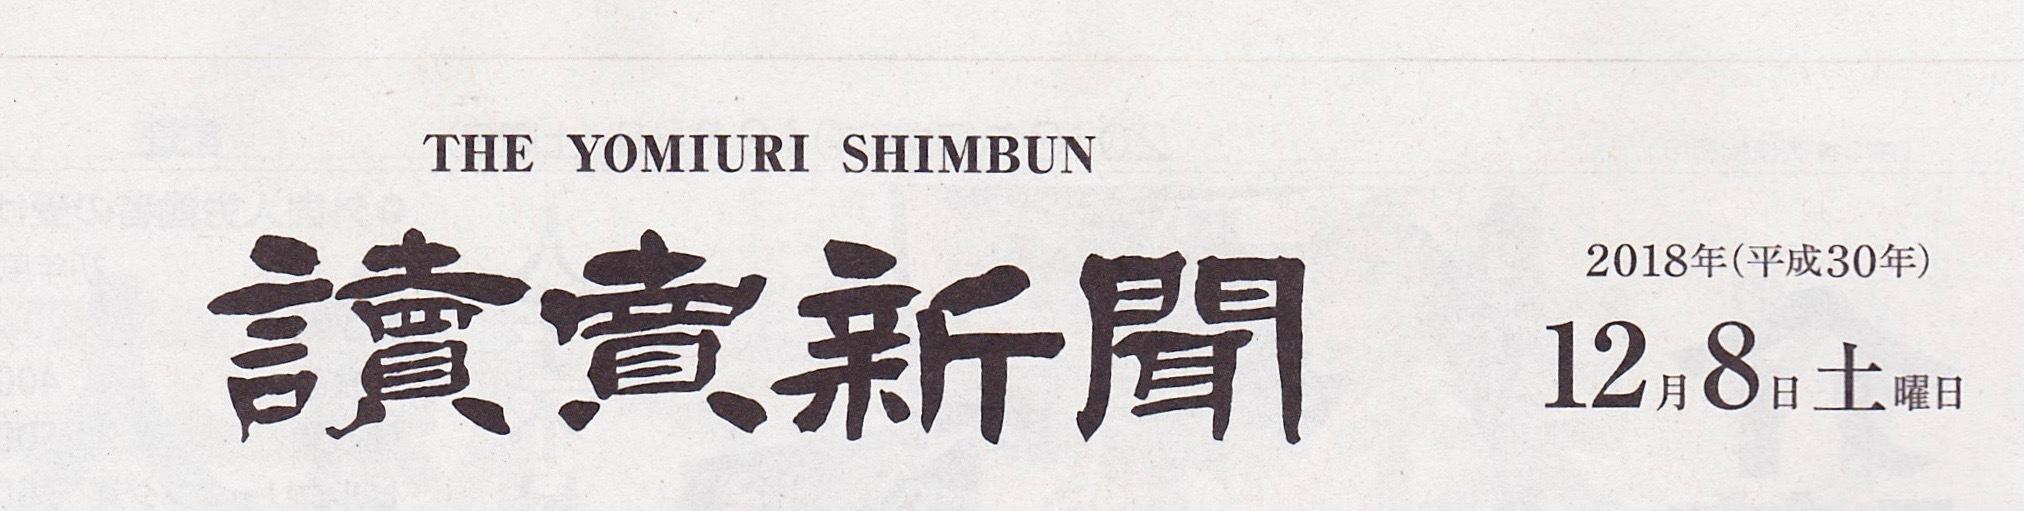 『讀賣新聞』12月8日 朝刊_c0101406_19200504.jpg